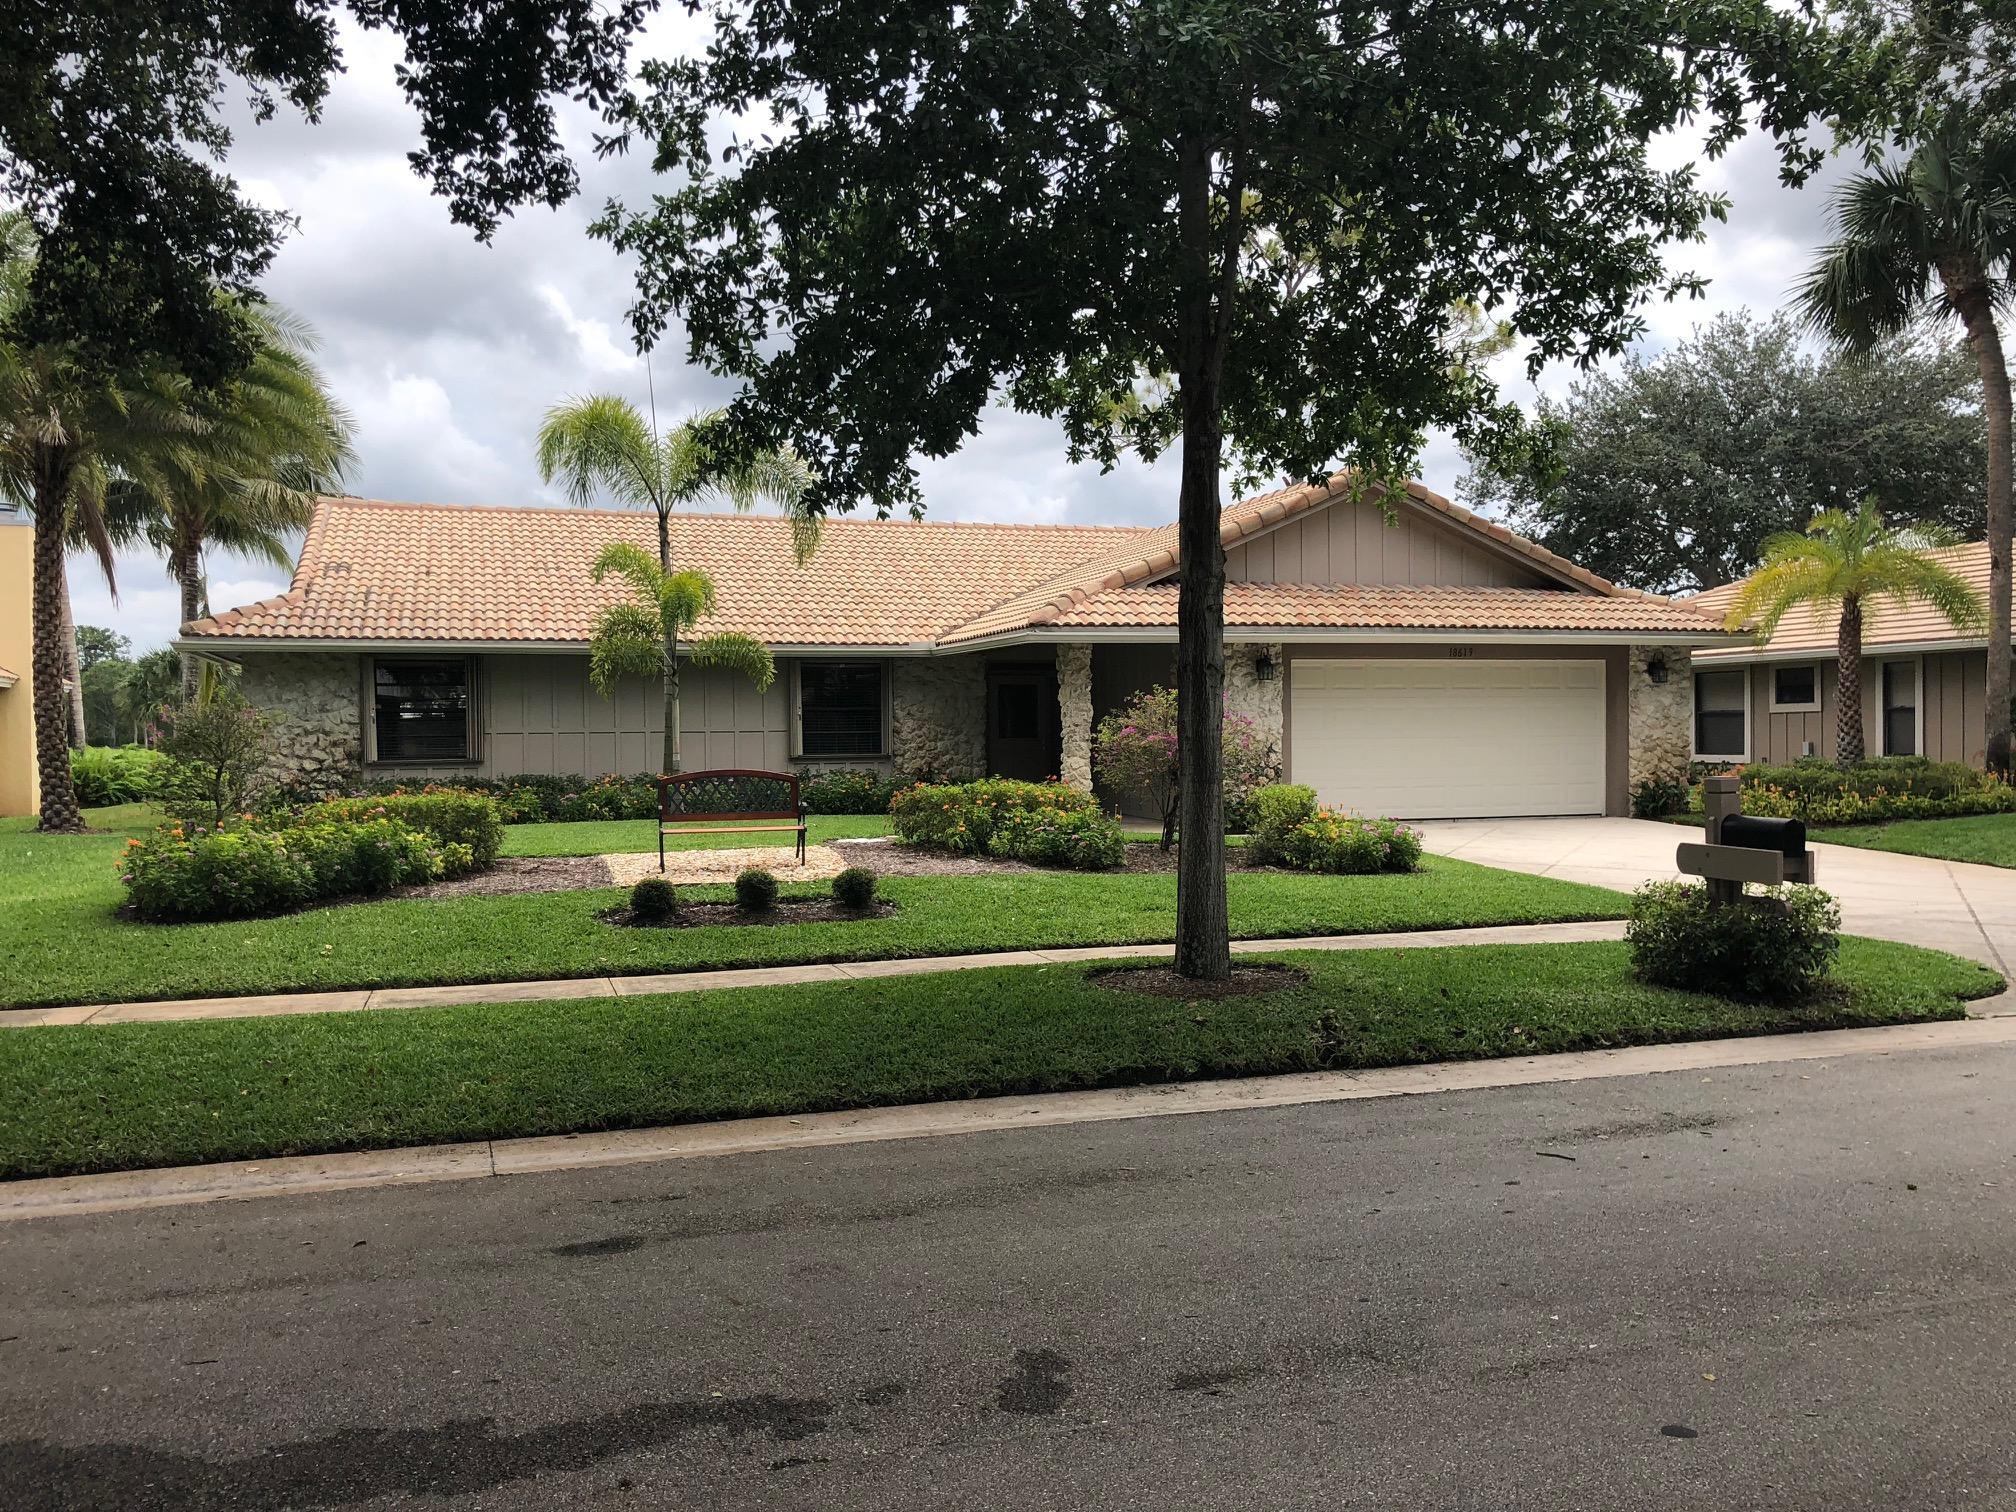 SHORES - 4 properties for sale, Jupiter,33458 FL. Boca ...